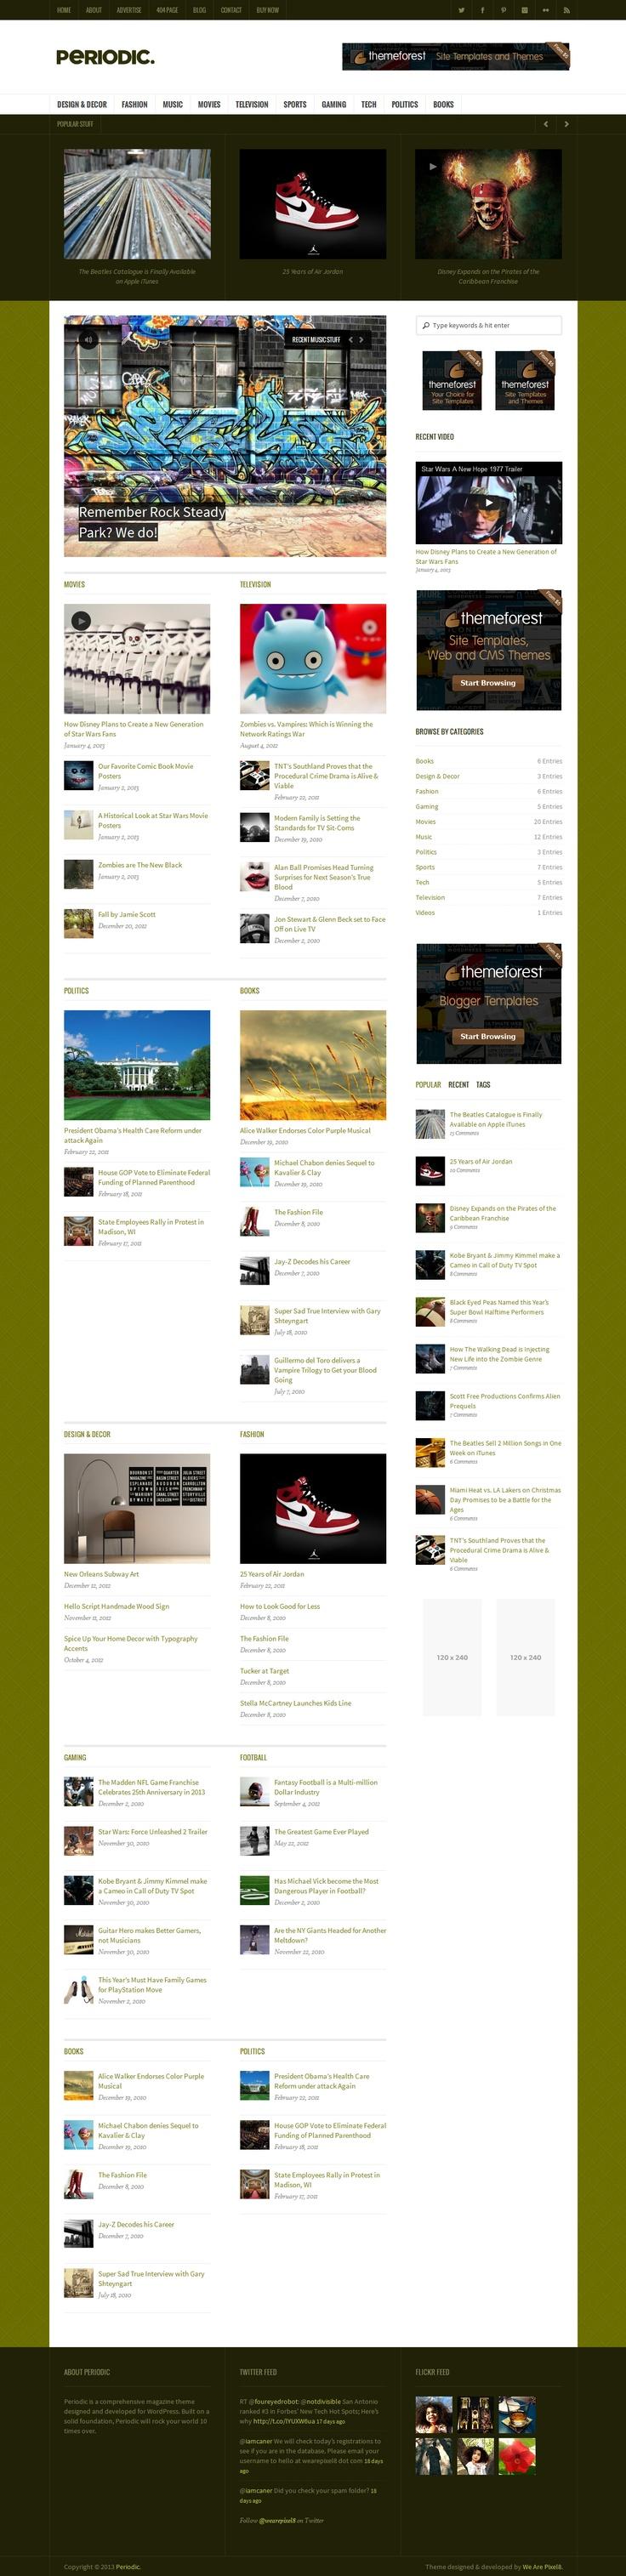 Periodic - индивидуальная премиальная тема для #WordPress, разработанная для онлайн магазинов, новостных порталов и крупных блогов.